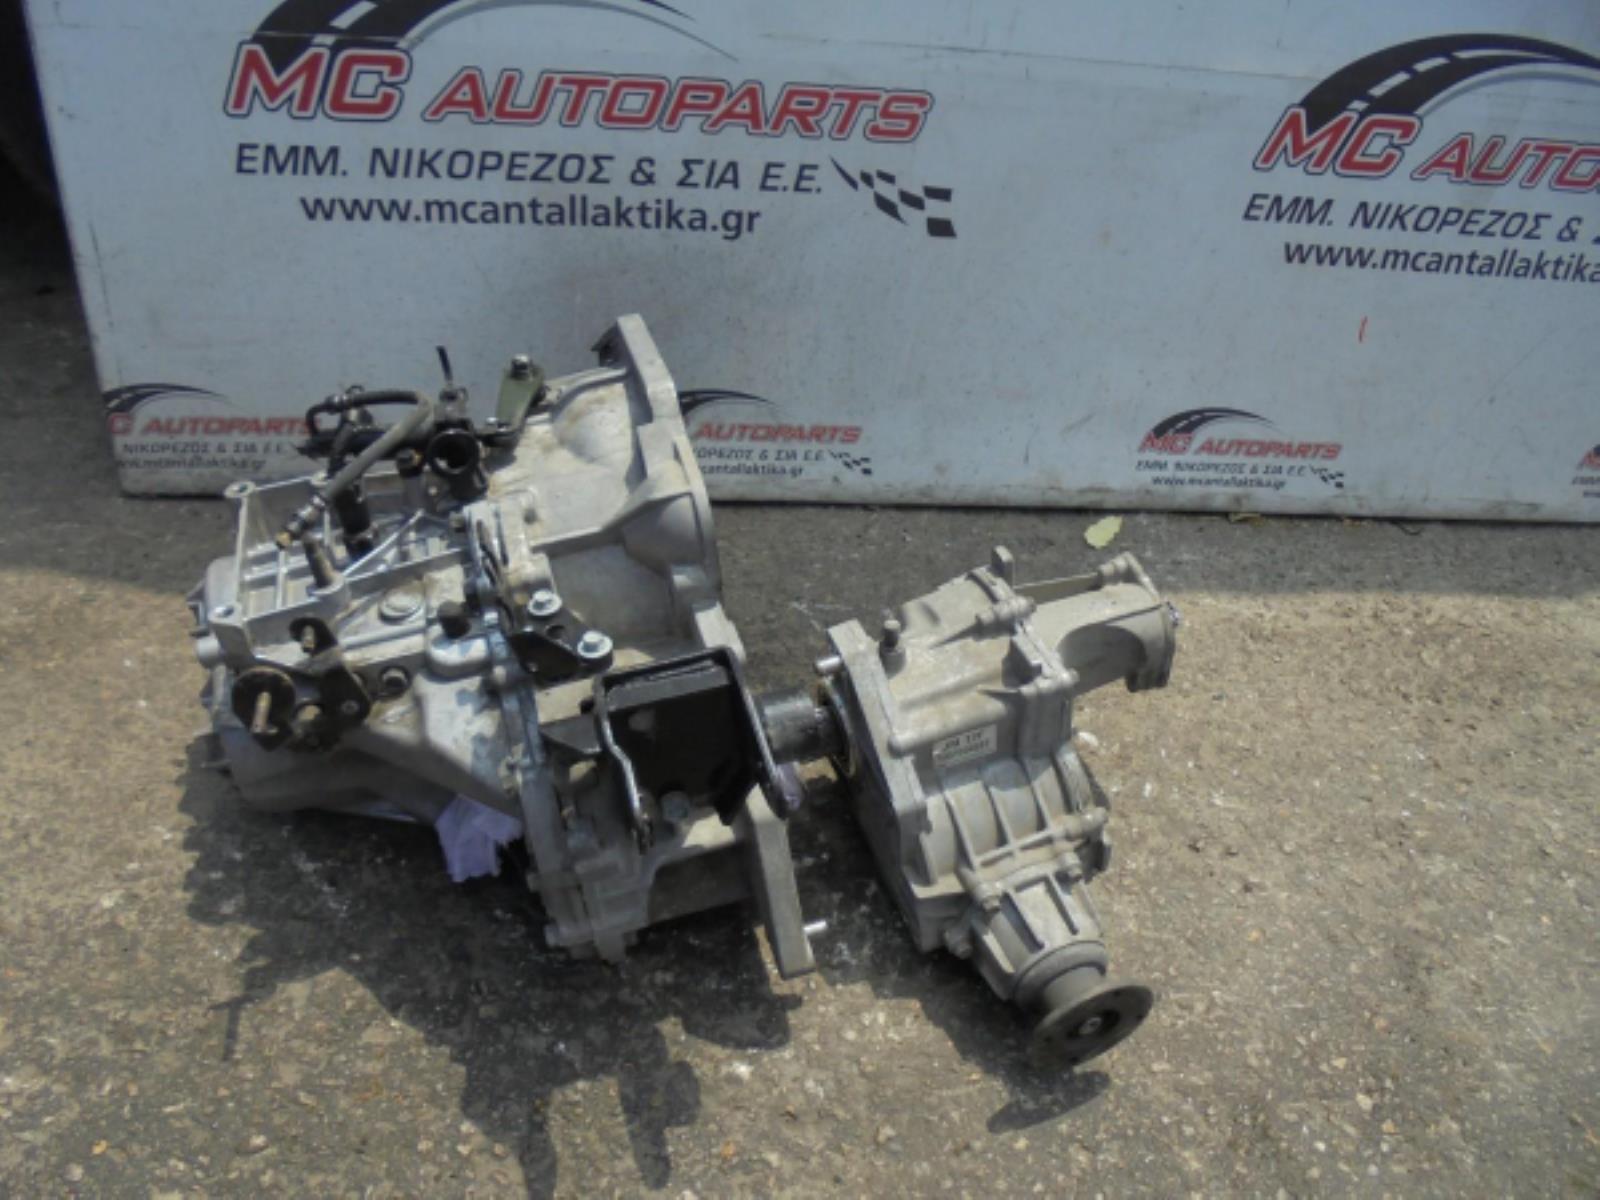 Εικόνα από Σασμάν 4WD  Χειροκίνητο  KIA SPORTAGE (2004-2009) 2000cc    και βοηθητικό, βενζίνη